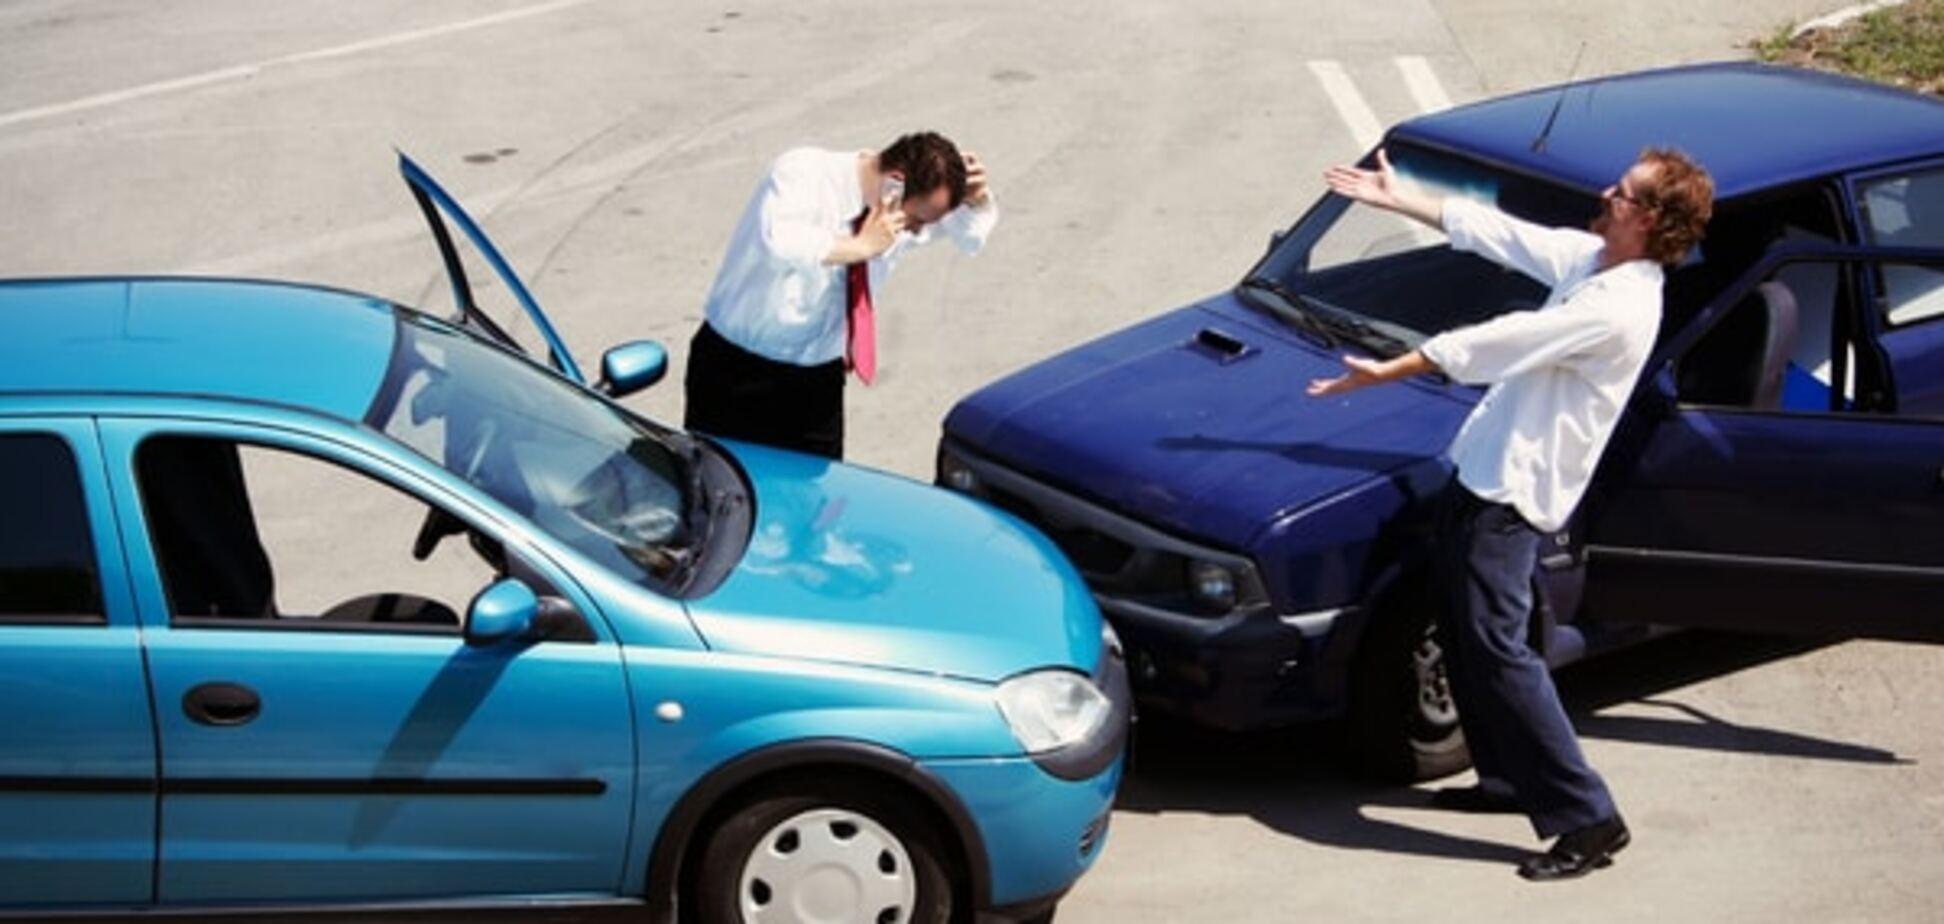 Аварий по вине автодора в Киеве не происходит: неожиданные данные ГАИ